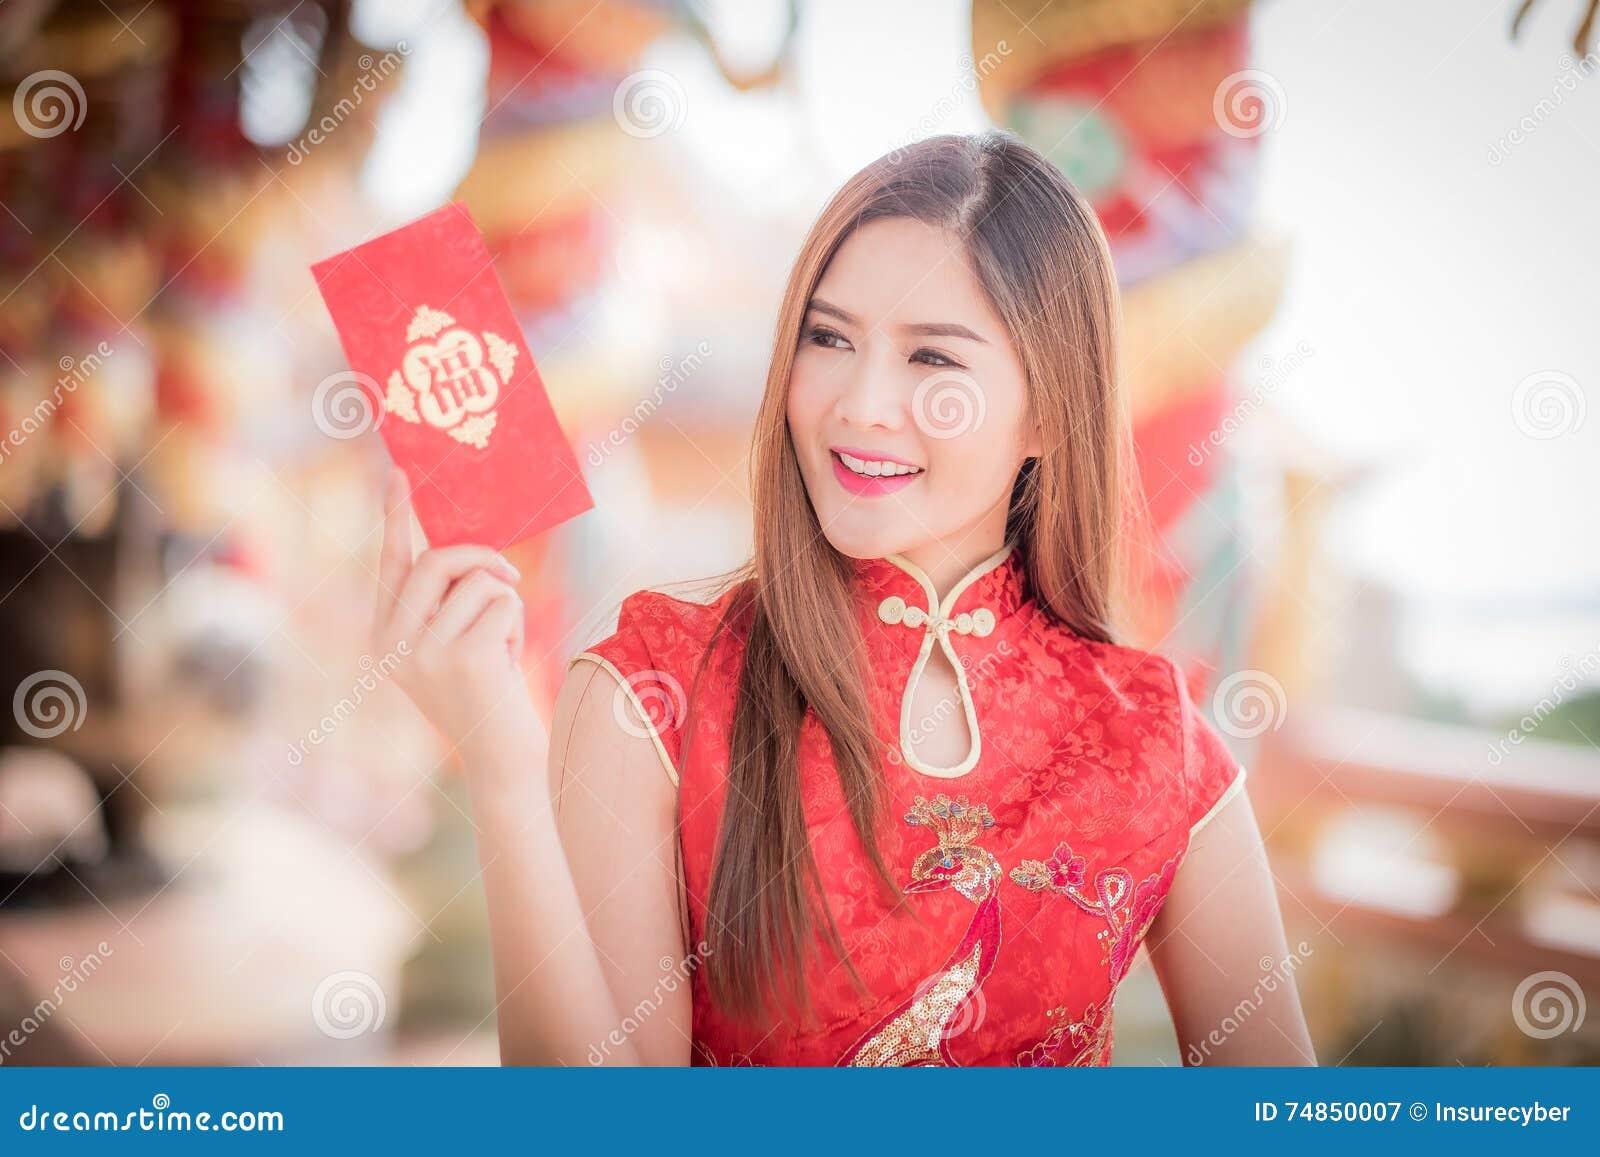 Ασιατική γυναίκα κινεζικό couplet εκμετάλλευσης φορεμάτων «ευτυχές» (κινεζικό W